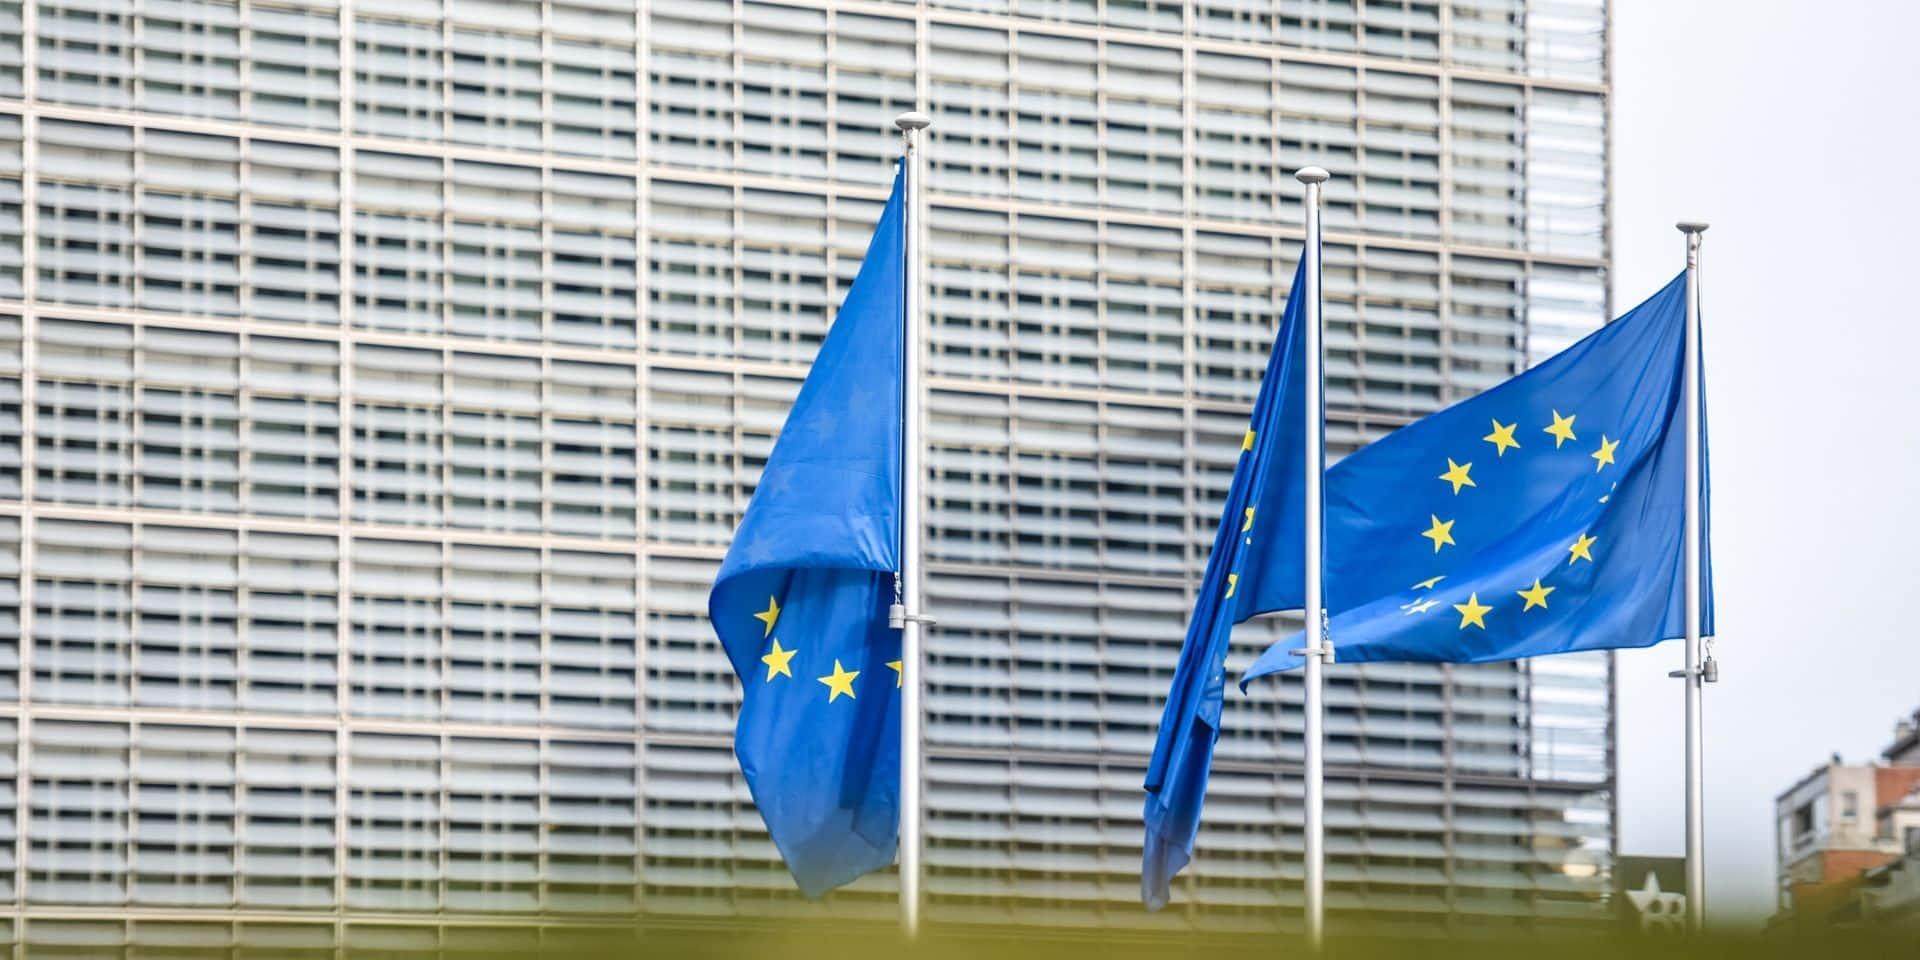 État de droit: le Parlement européen se prépare à poursuivre la Commission pour inaction